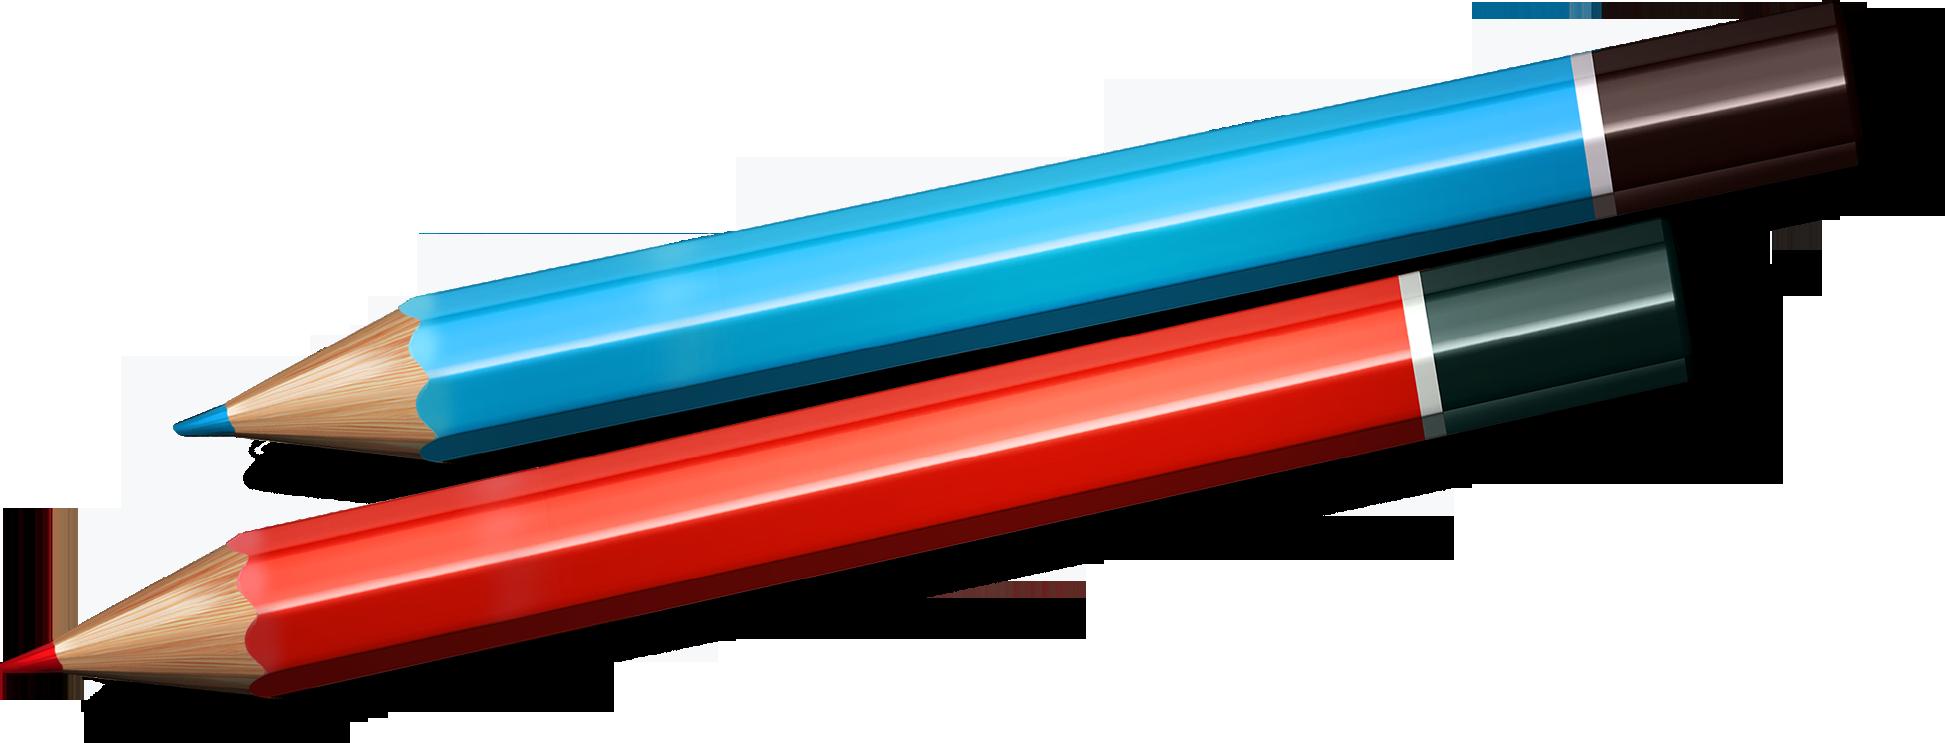 Цветные карандаши картинка на прозрачном фоне